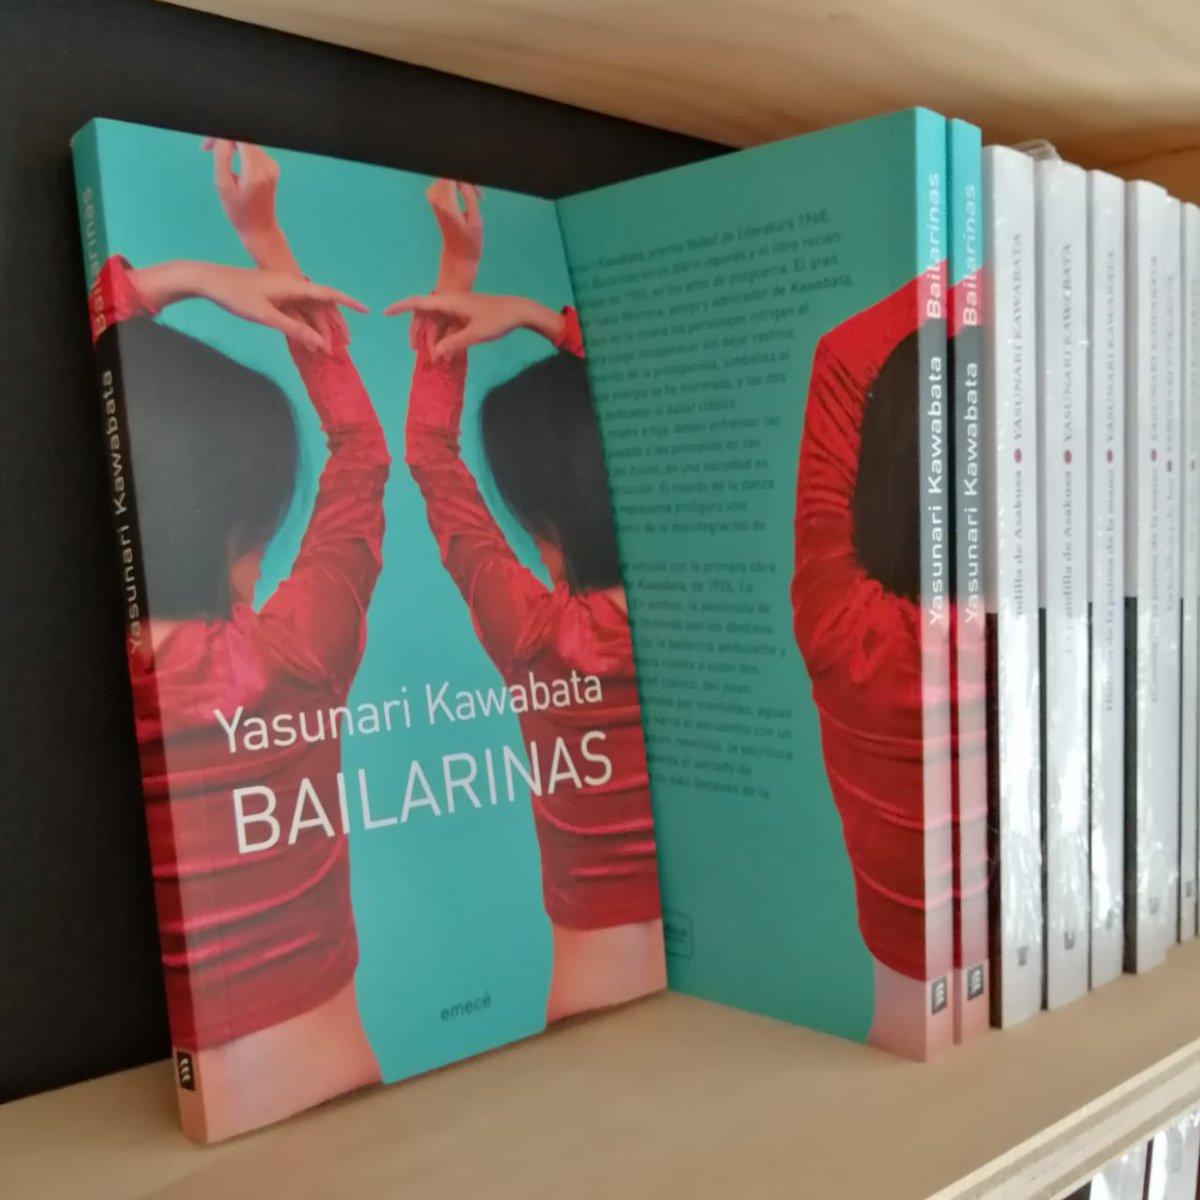 #Kawabata, #Nobel de Literatura 1968, publicó #Bailarinas en un diario japonés y fue editado en 1955, en los años de posguerra.  #RegalaLibros #LiteraturaJaponesa #Ficción Enviamos a todo Chile  #KeepReadingenCasa Whatsapp  +569 3227 1225 Catálogo https://queleochile.cl/frutillar/pic.twitter.com/eWaMZG1HCi